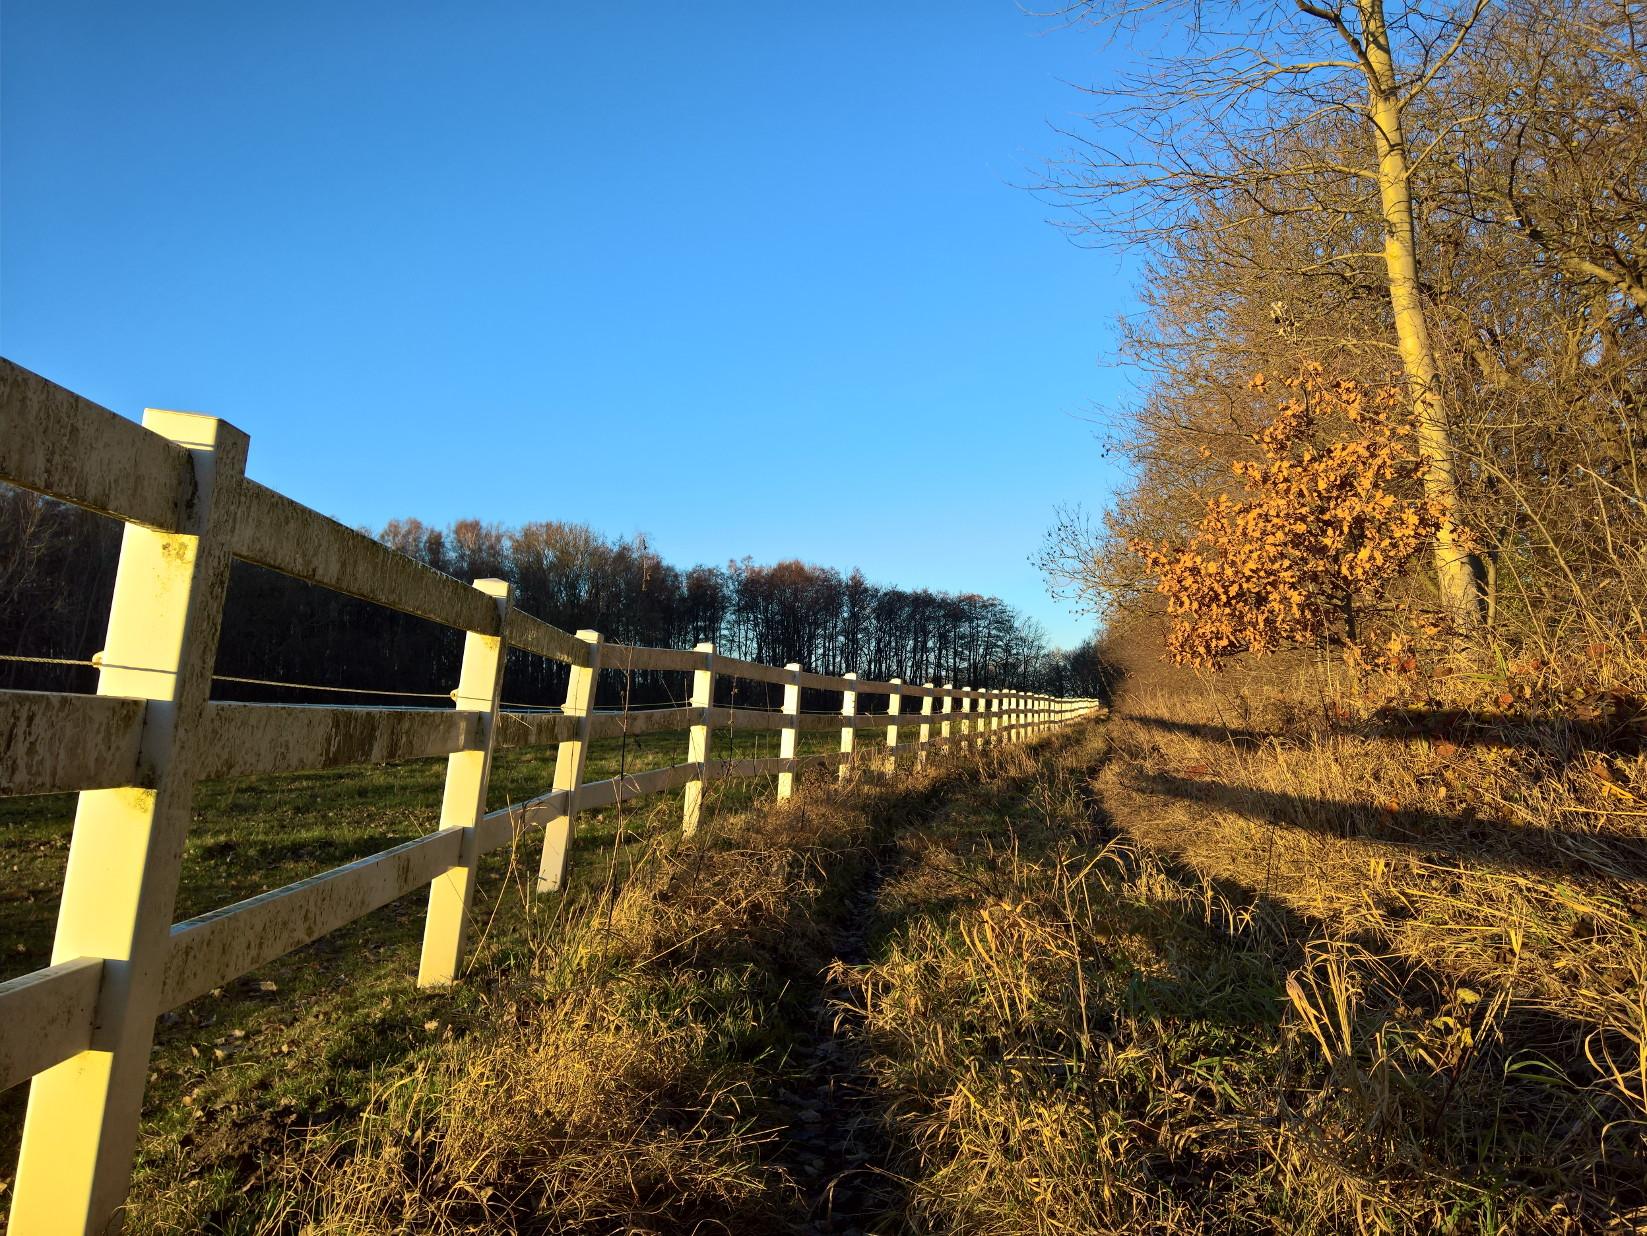 Ralswiek Koppel Stoertebecker Pferde Ruegen Insel nahe Bodden